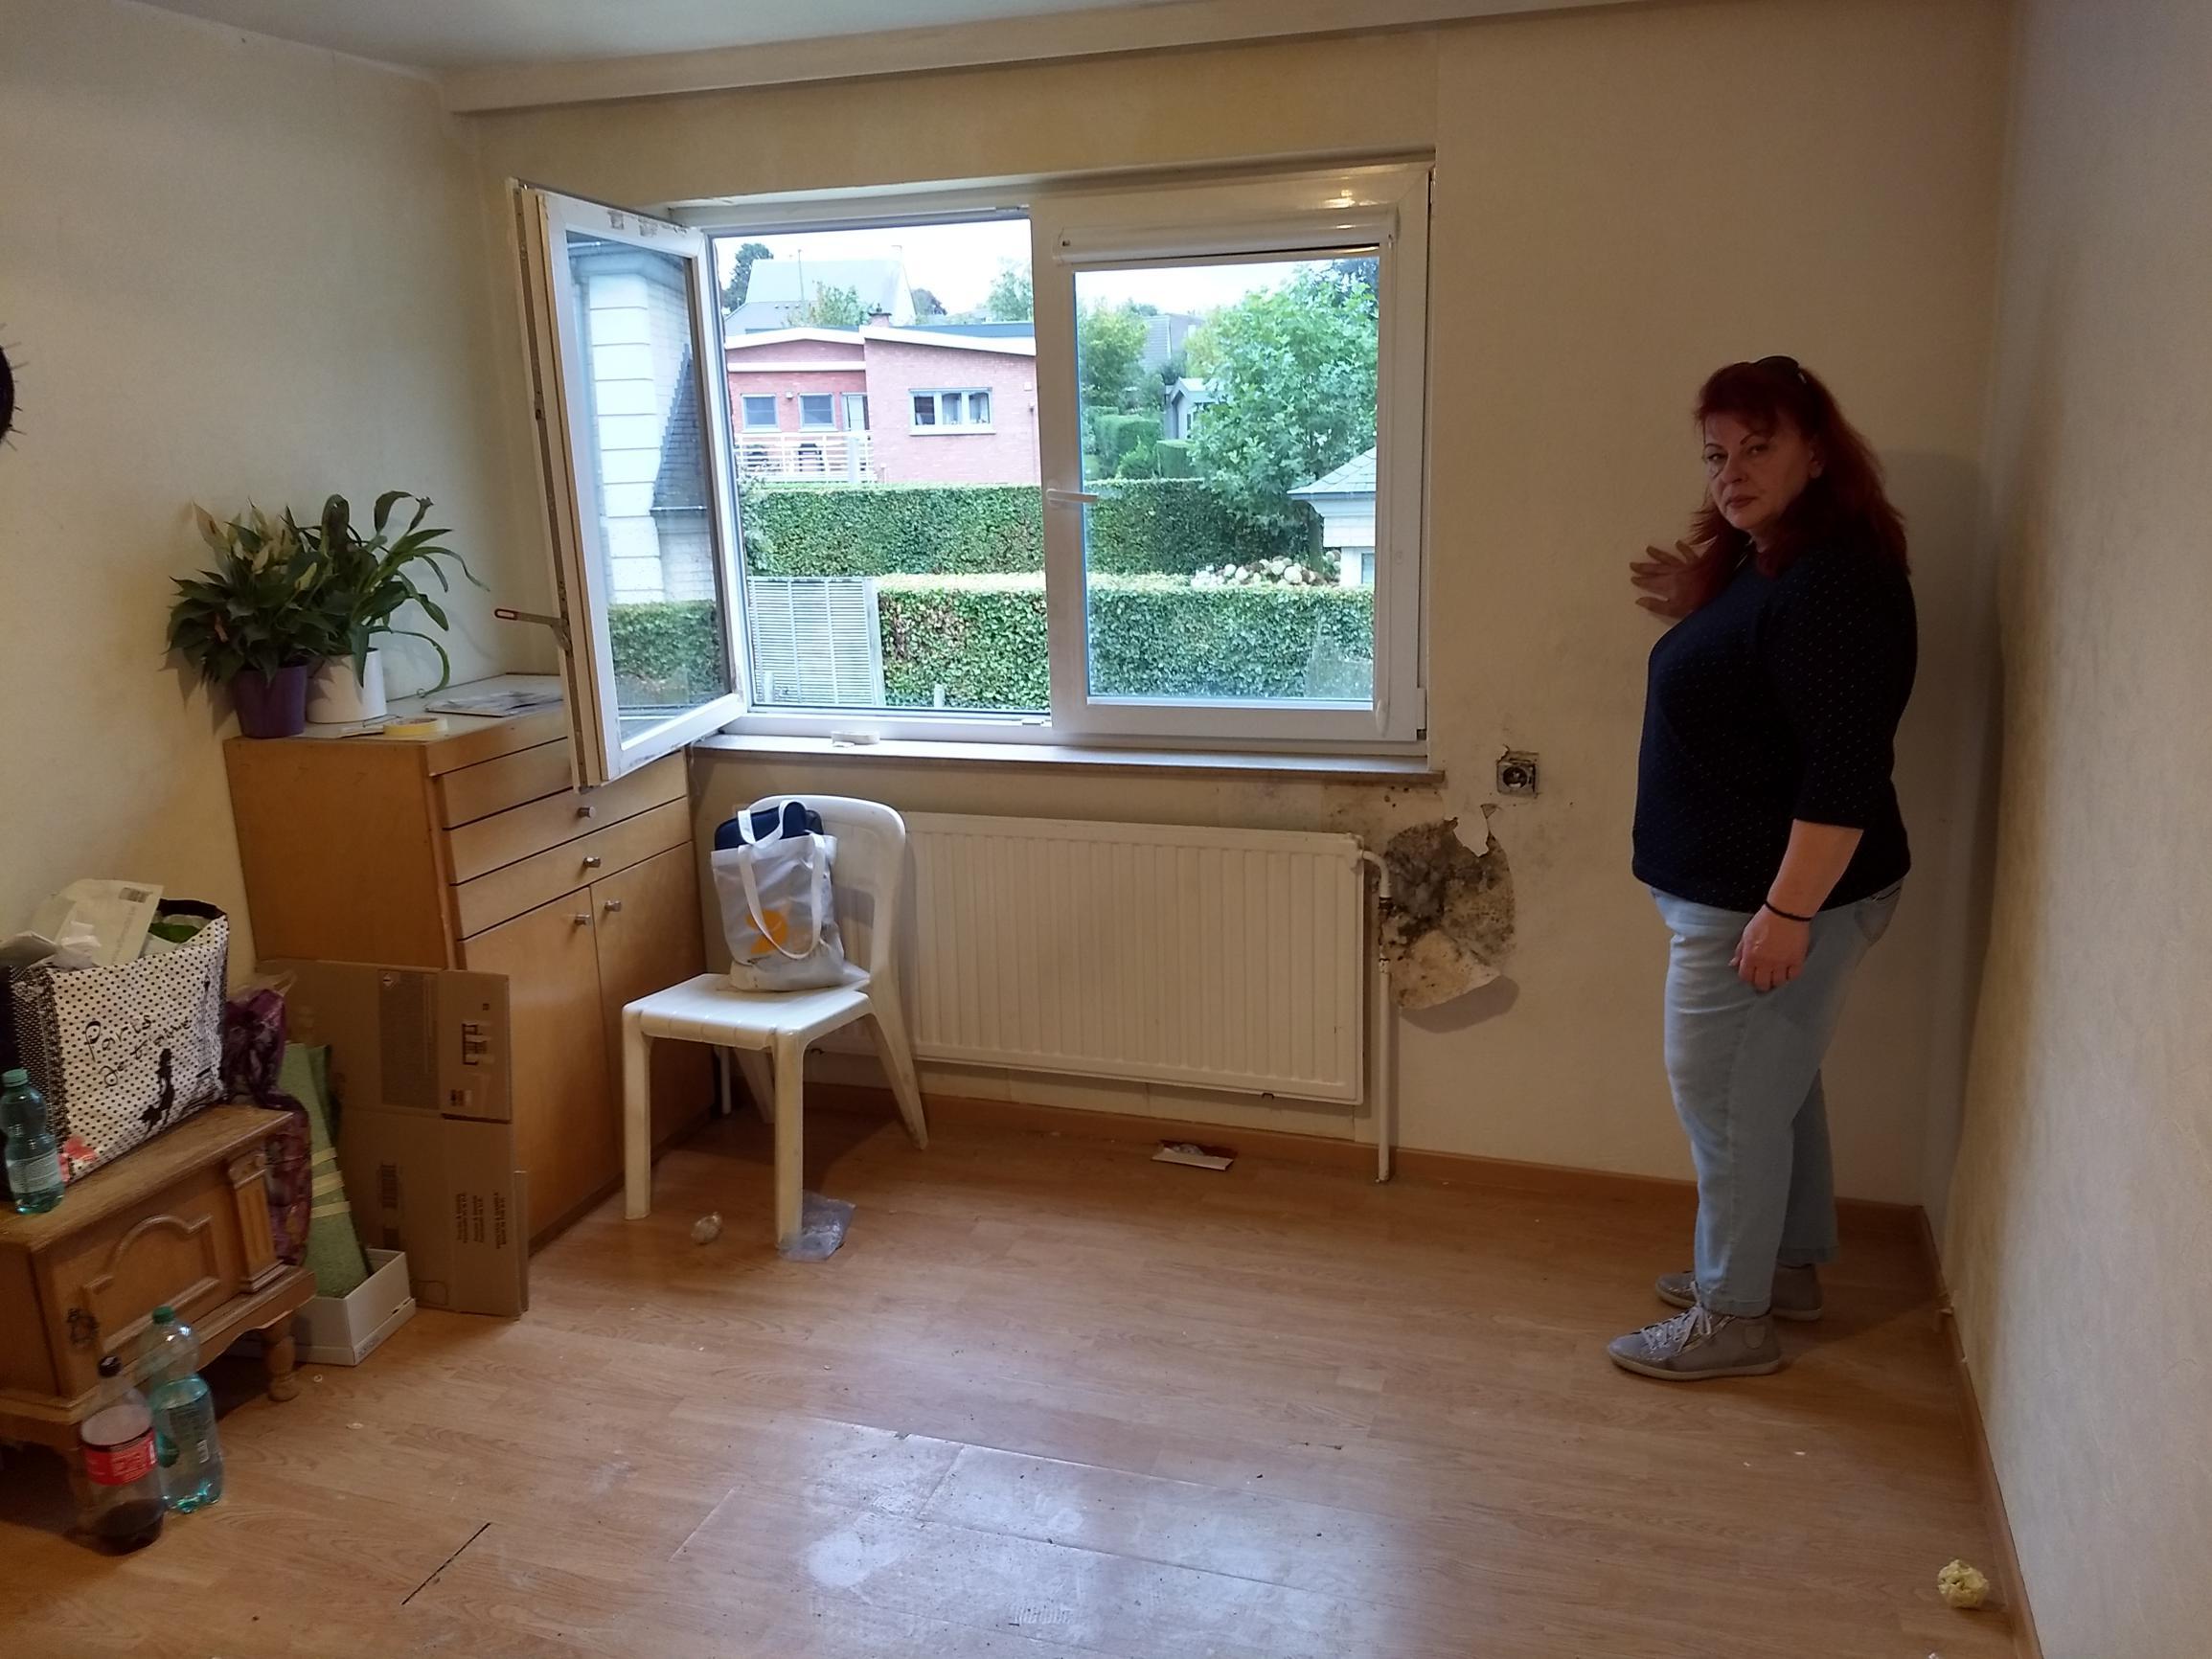 560 euro per maand voor beschimmelde kamer zonder slot, elektriciteit, verwarming of internet